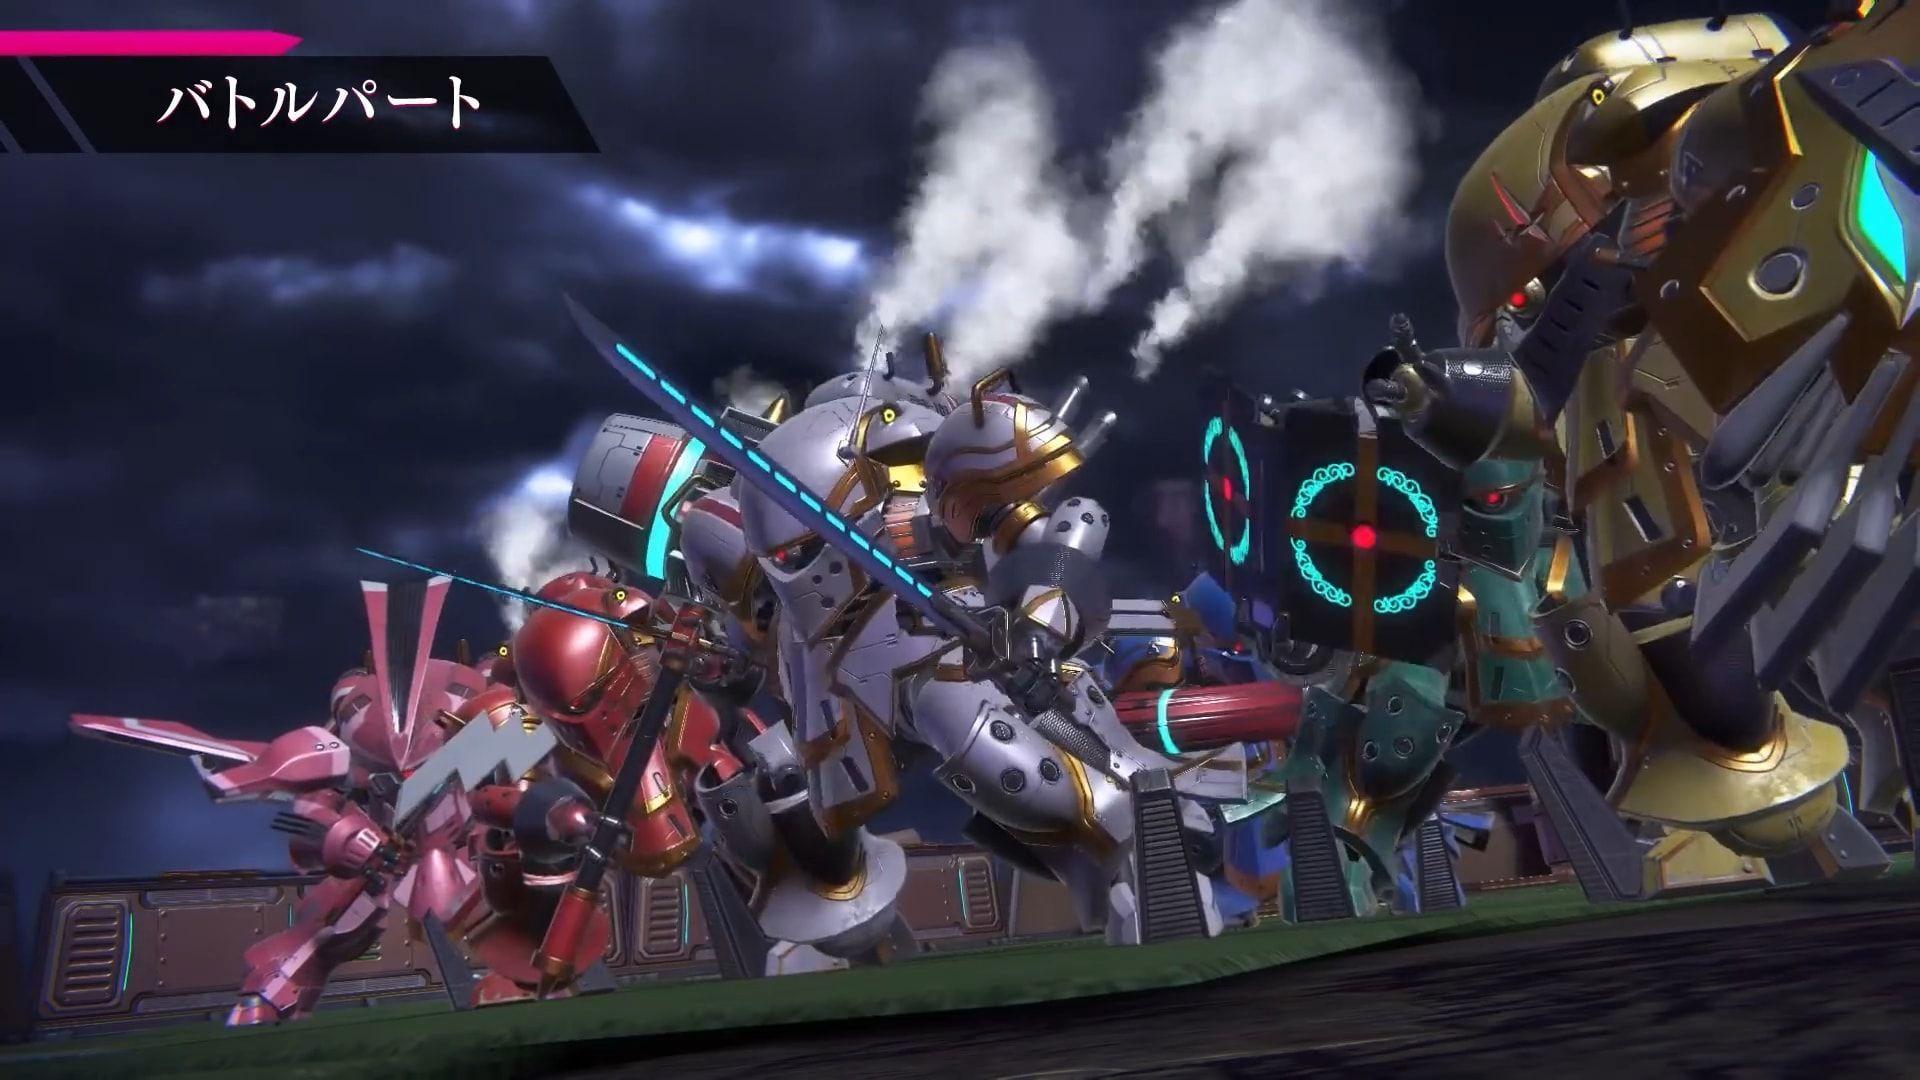 حوالي الـ40 ساعة تقدمها Project Sakura Wars لإنهاء القصة Sakura